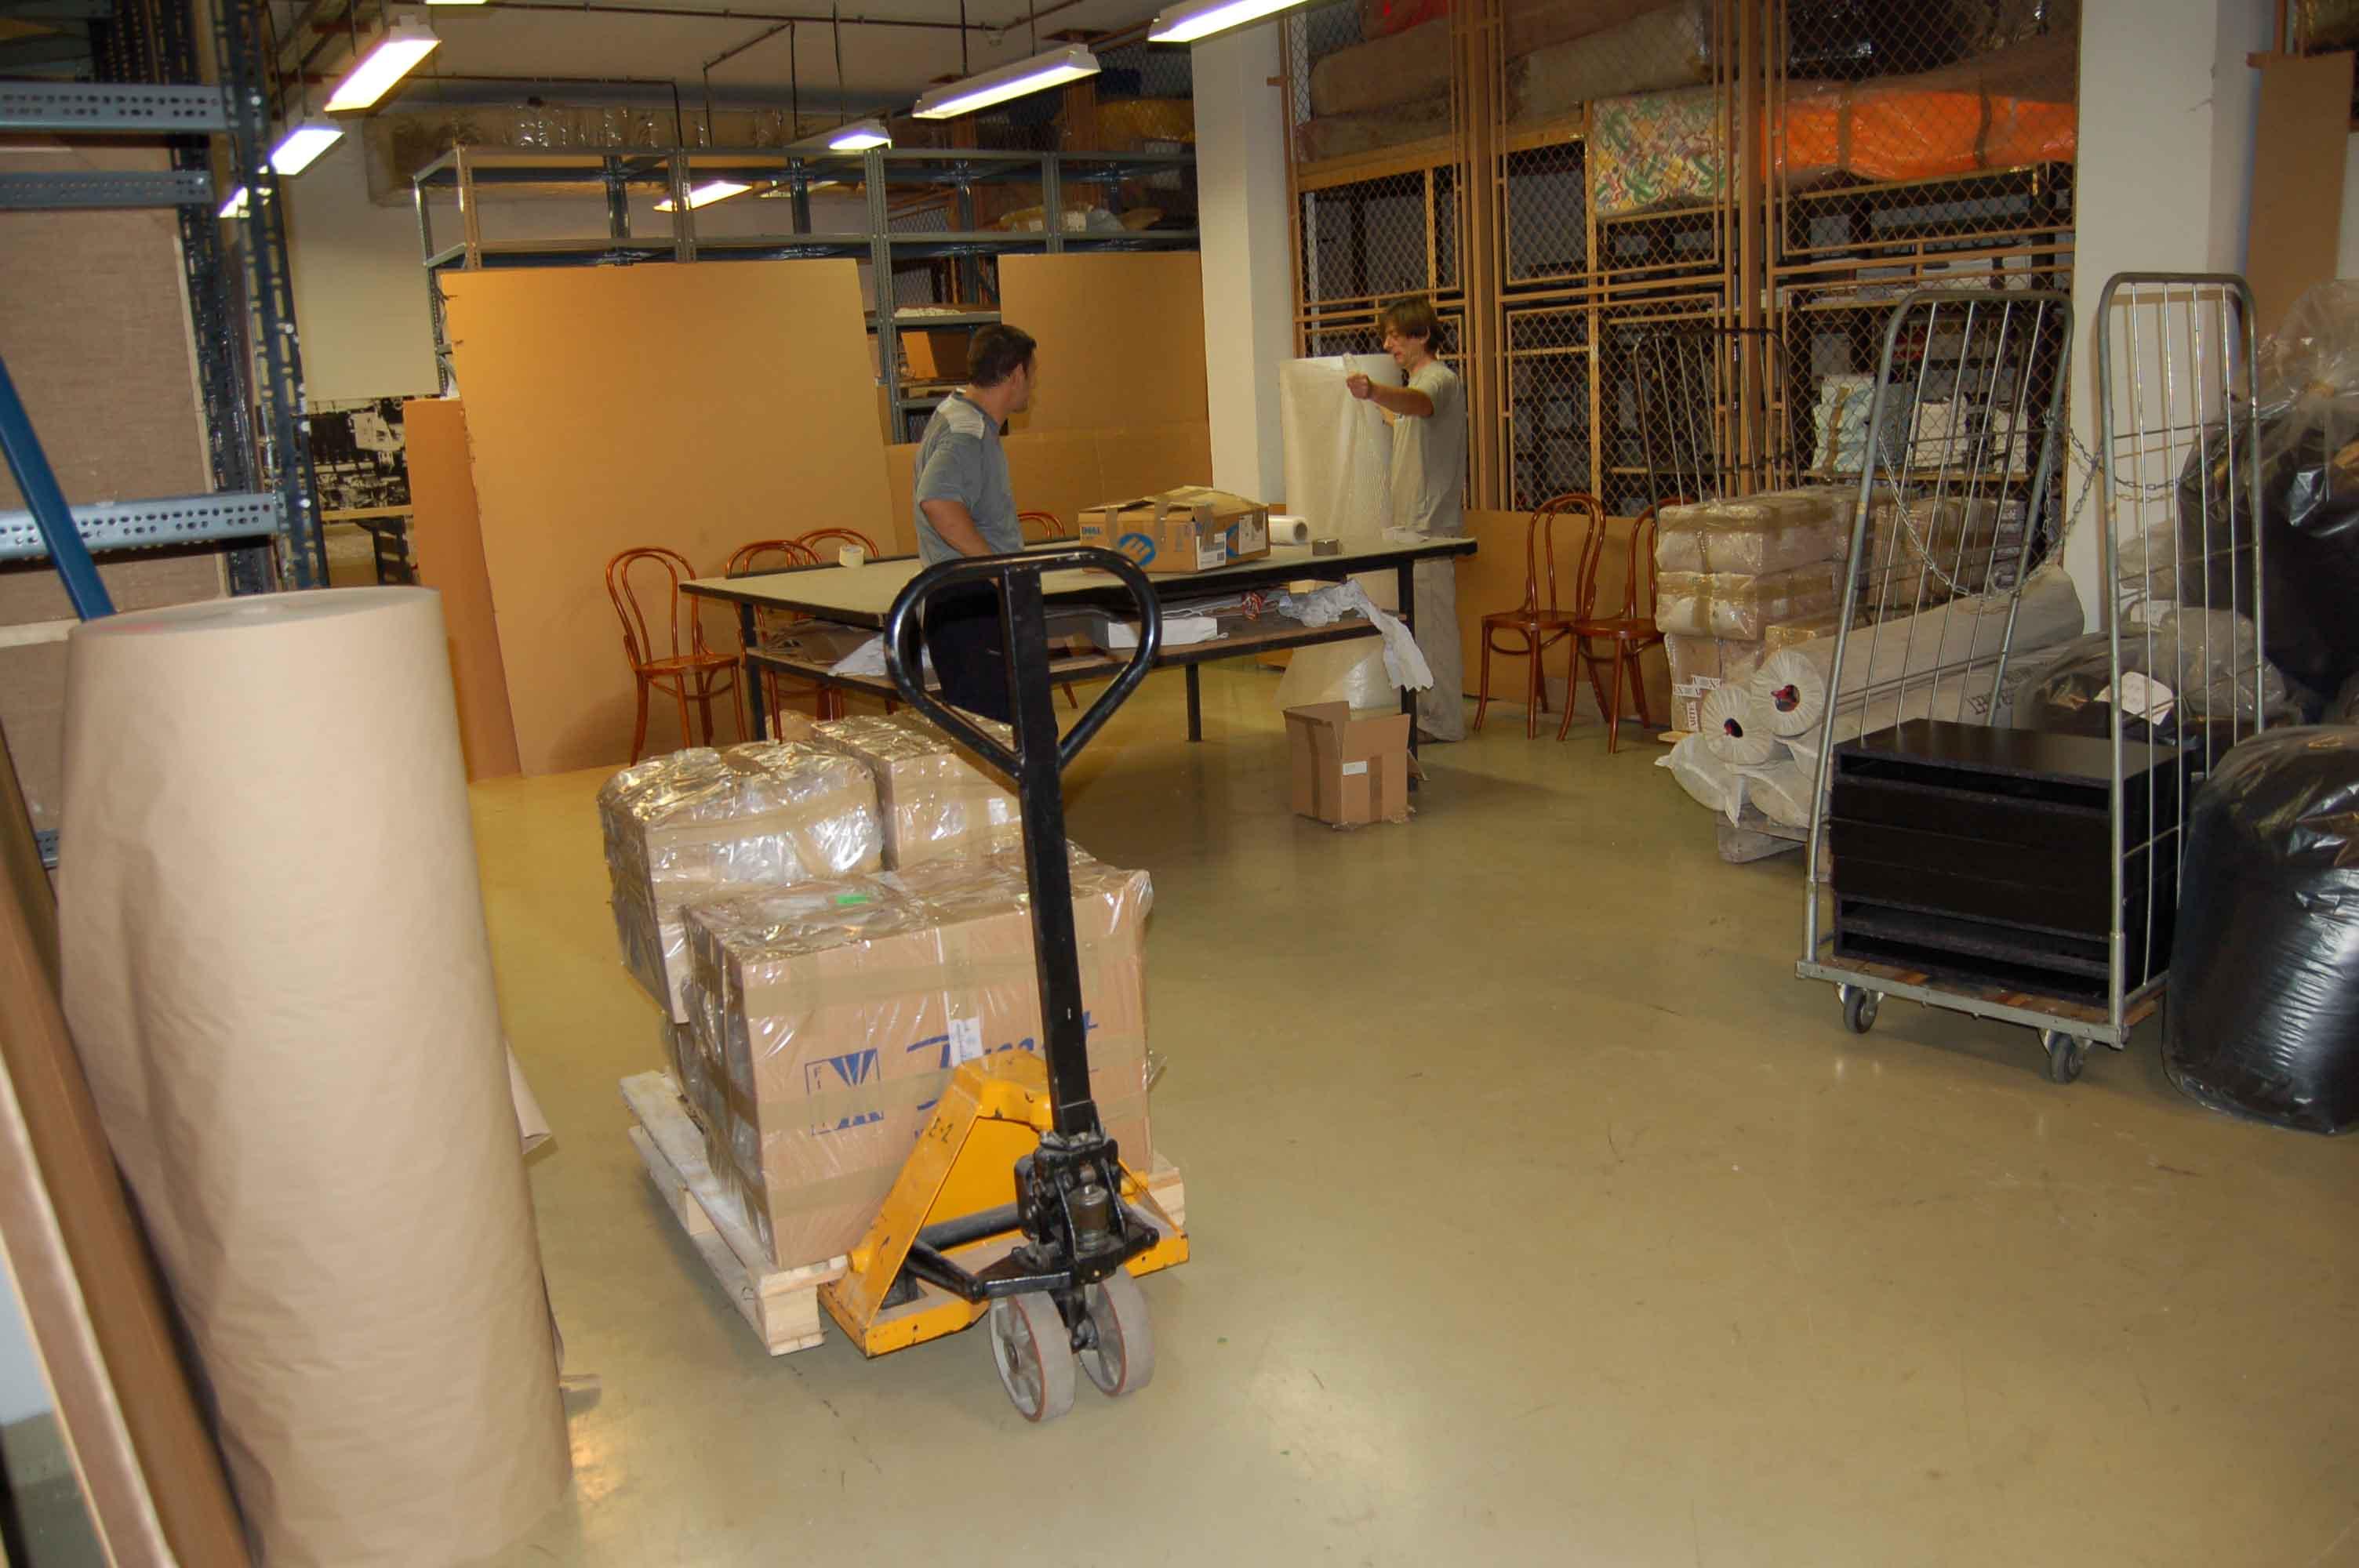 packing_workshop_at_mucsarnok.jpg